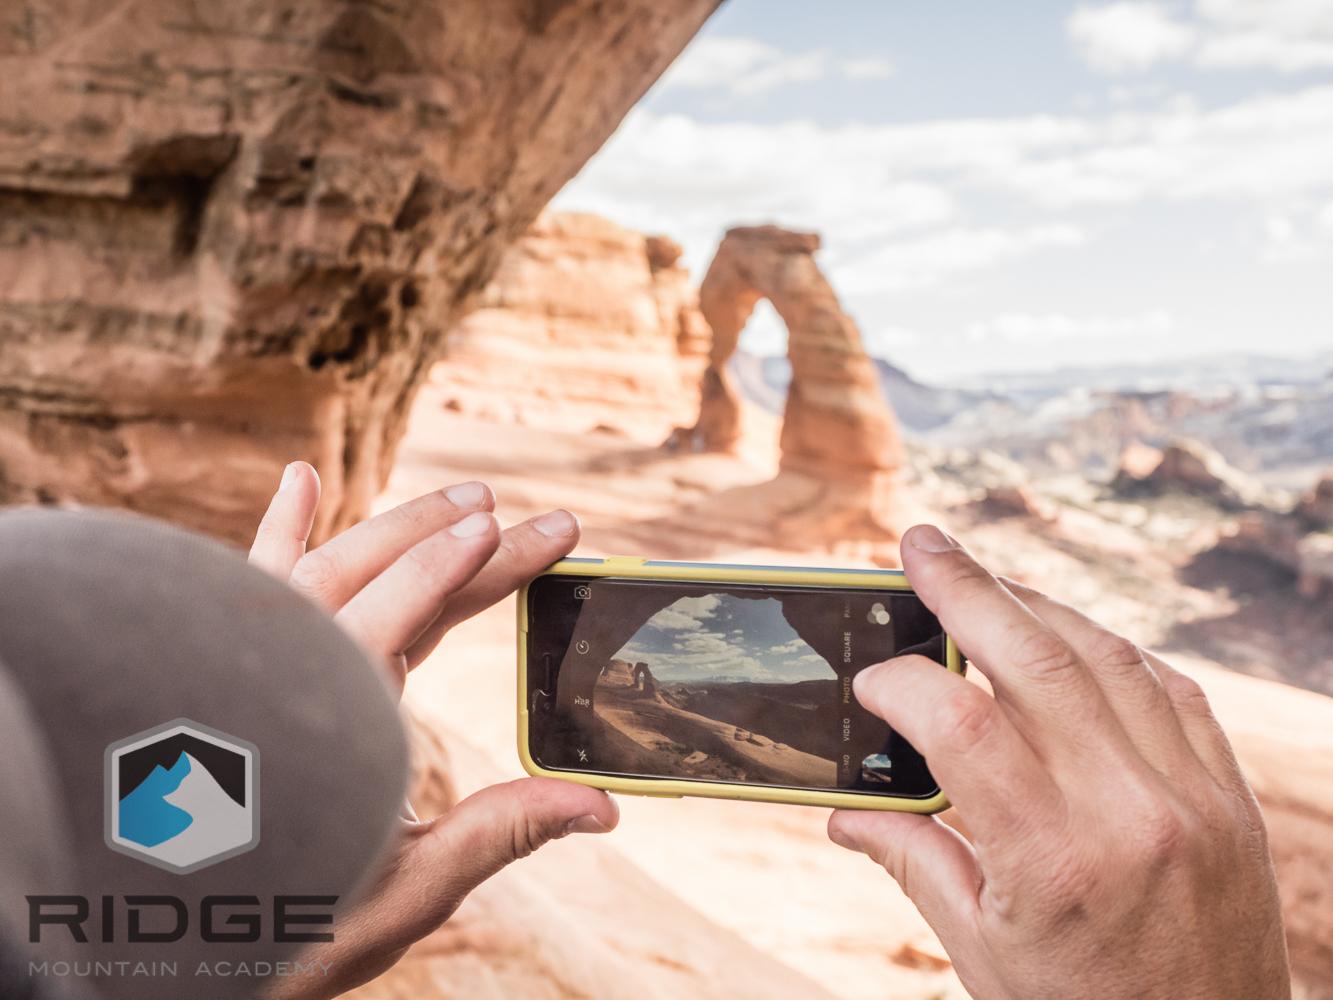 RIDGE in Moab, fall 2015-7.JPG